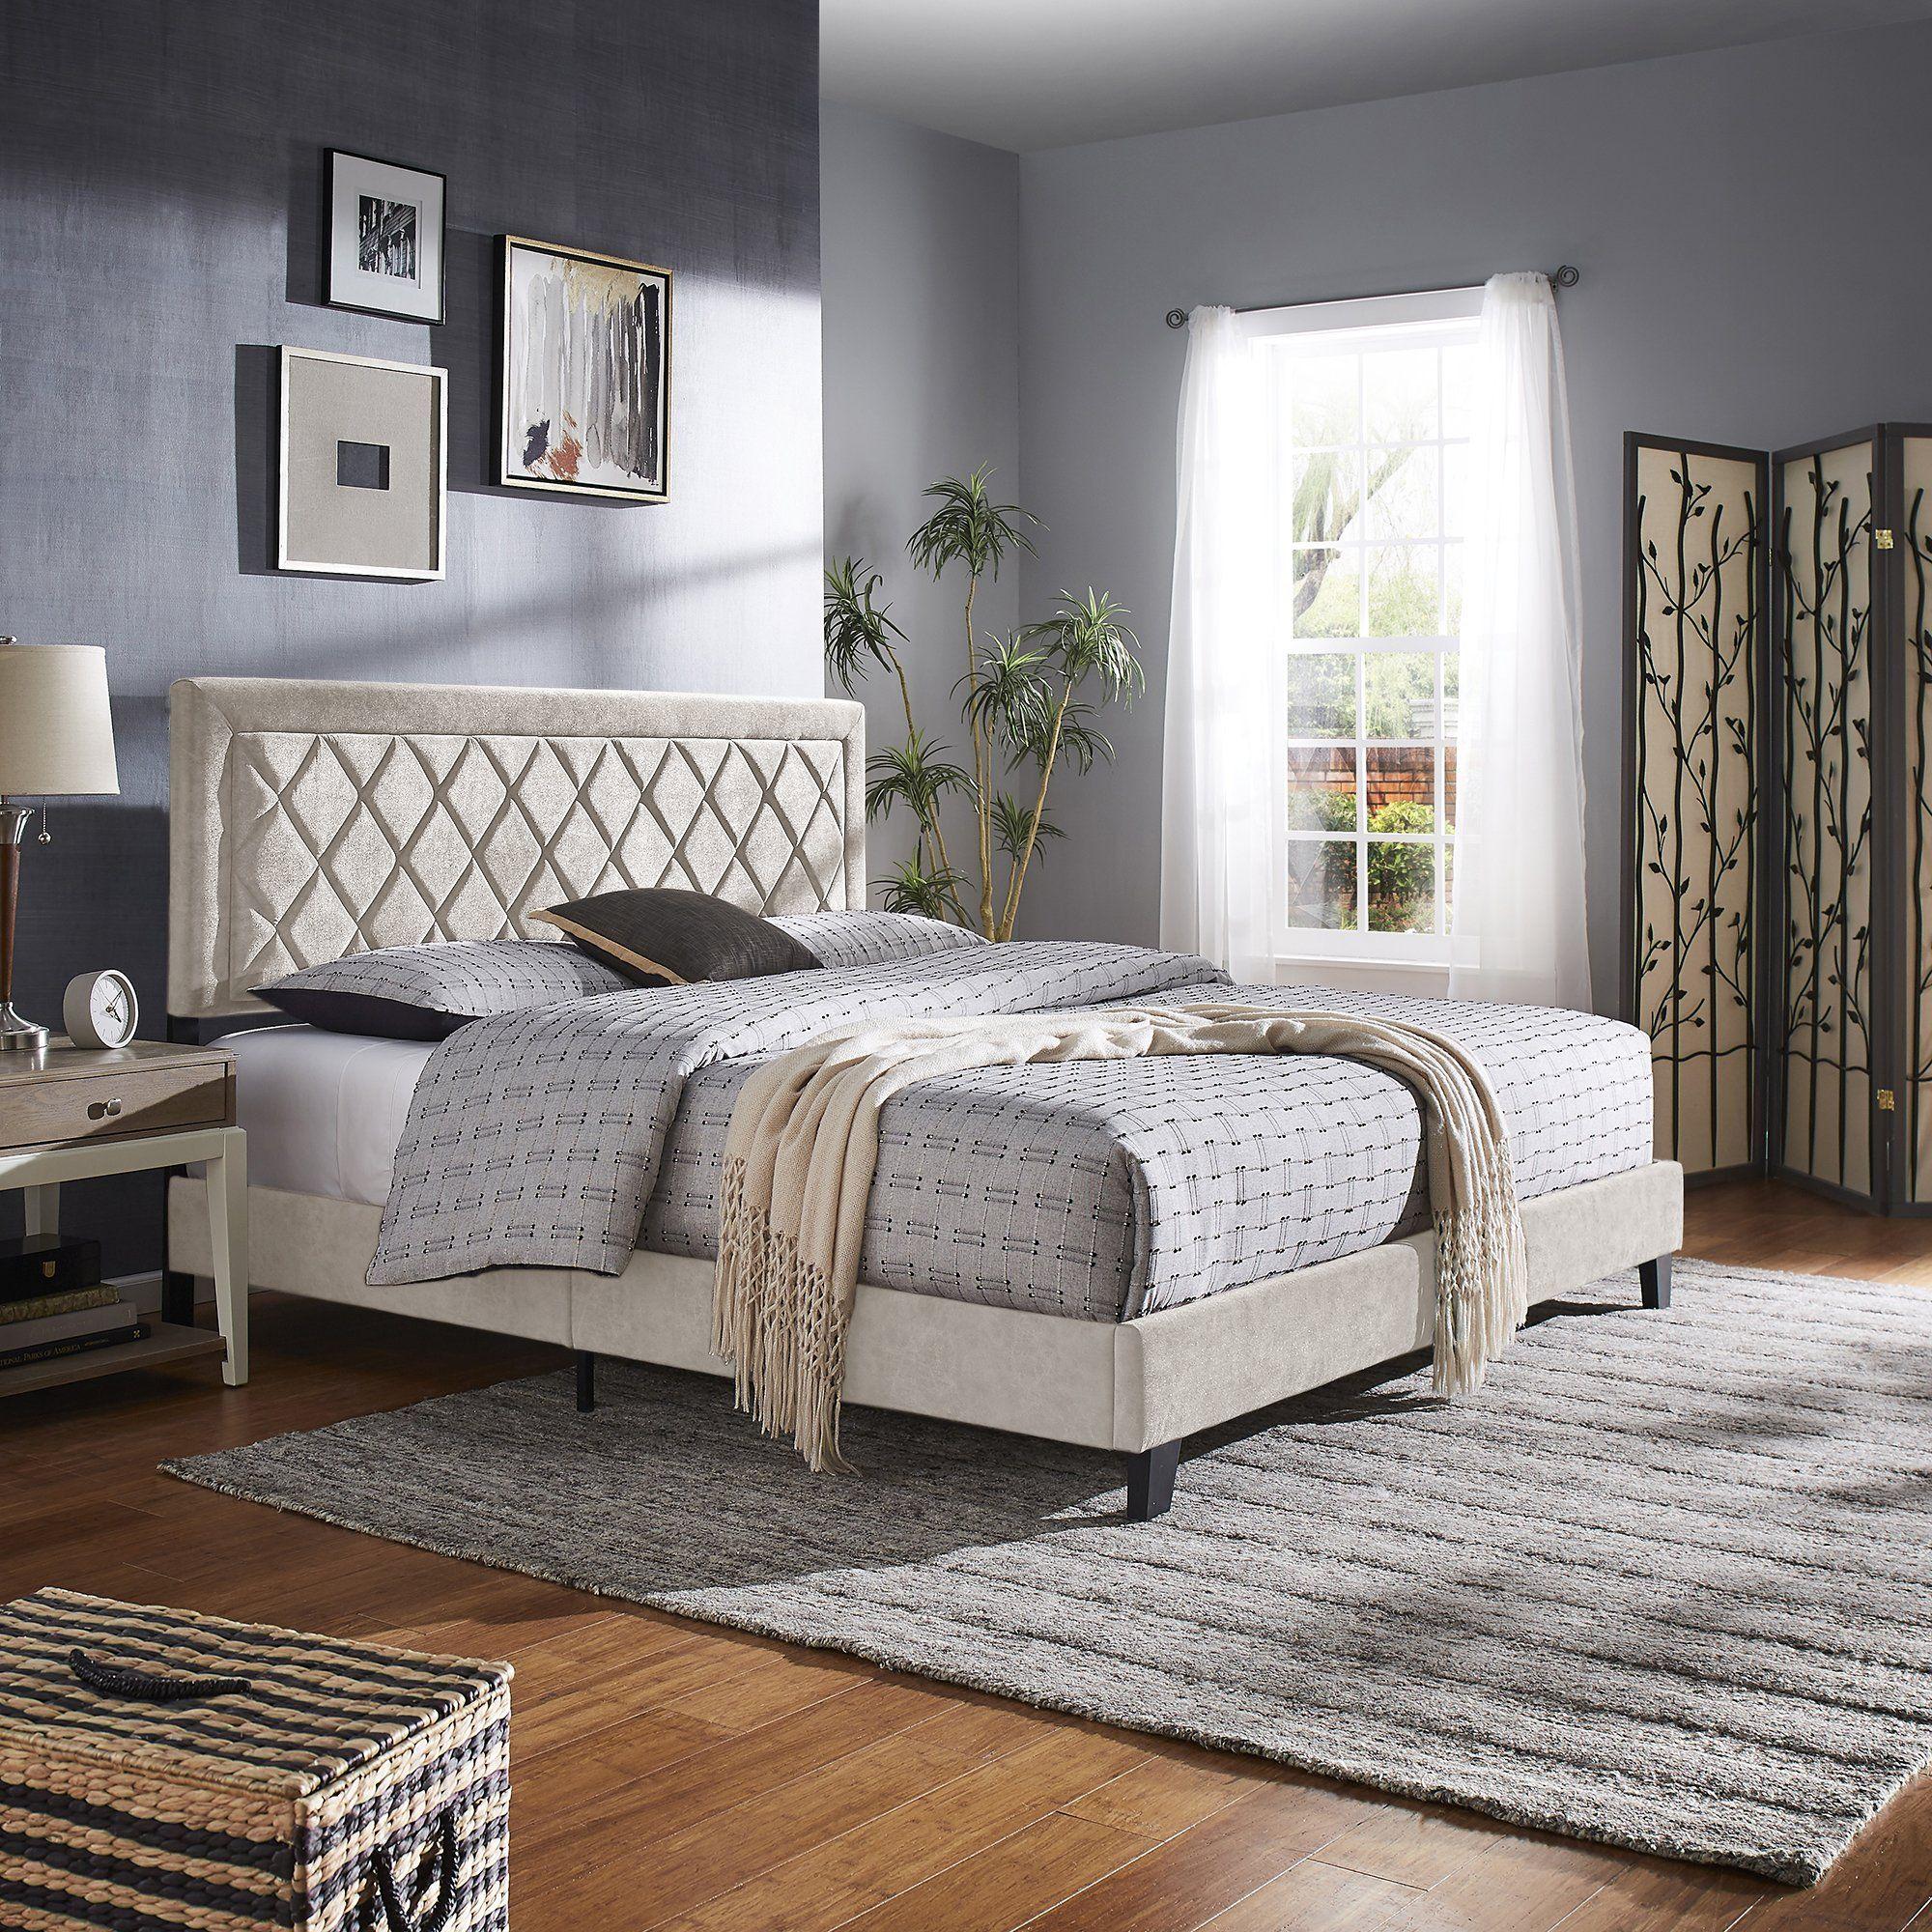 Black Finish Frame with Velvet Fabric Platform Bed - King Size - Cream White Velvet (King Size)